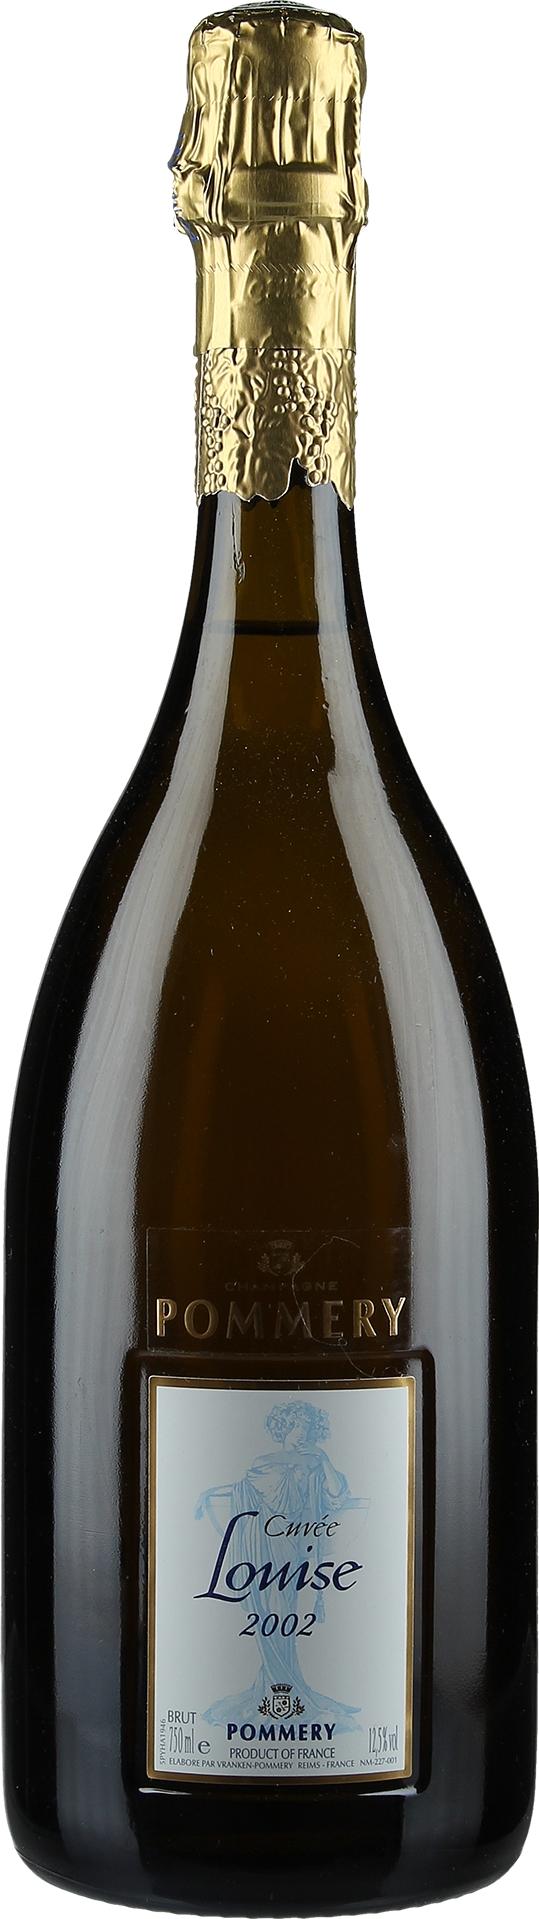 Produktbild på Champagne Pommery Cuvée Louise